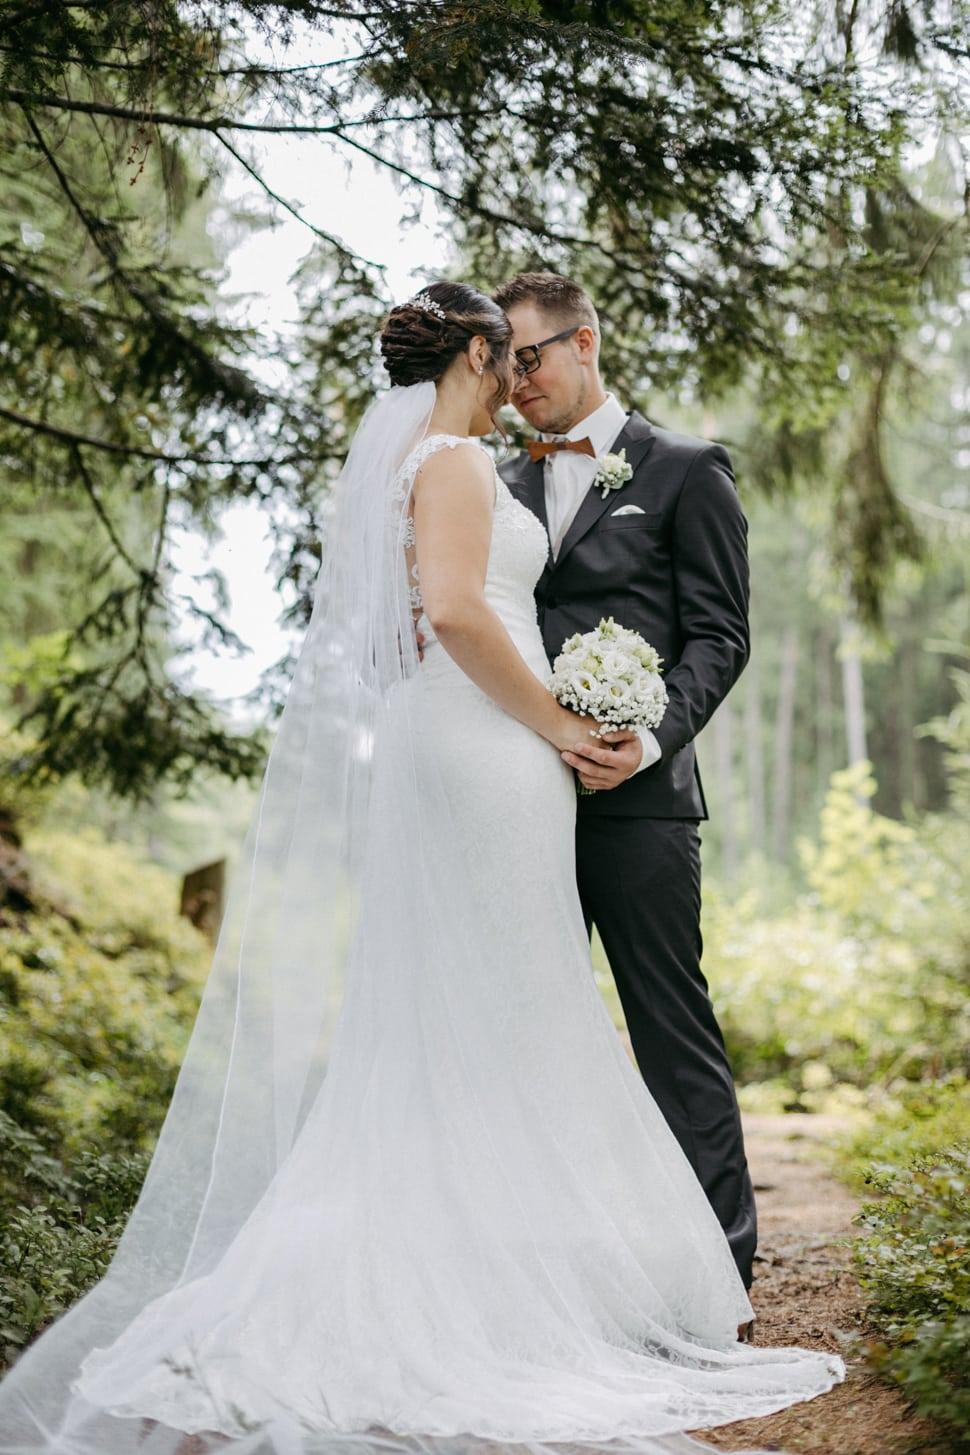 Hochzeitsfotos im Wald